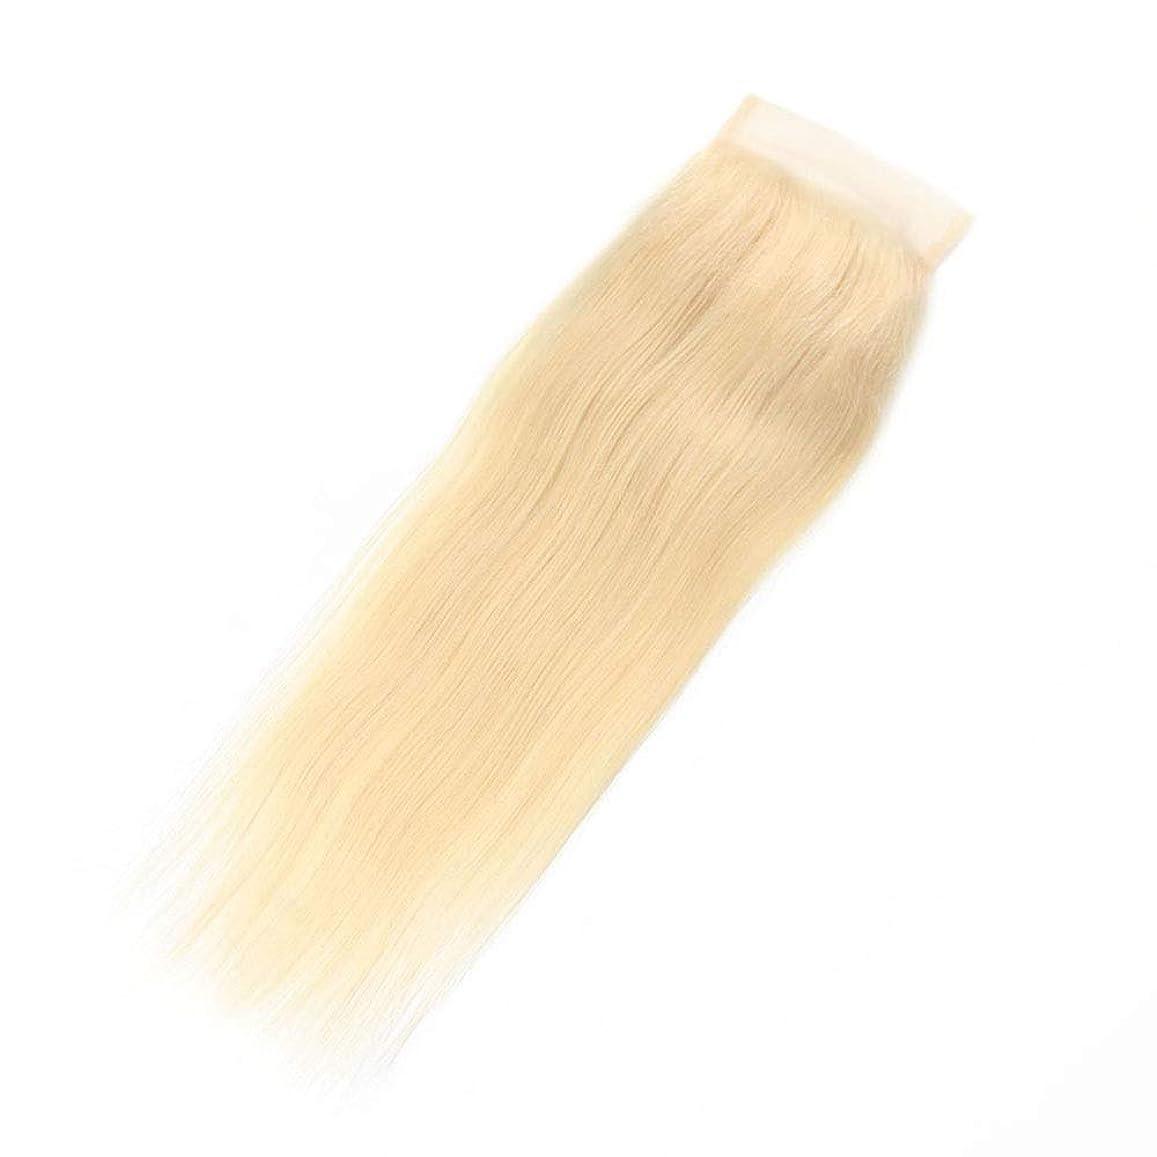 試み睡眠消すBOBIDYEE 金髪の絹のようなストレートのブラジル人のRemy人間の髪の毛のレースの前頭(4